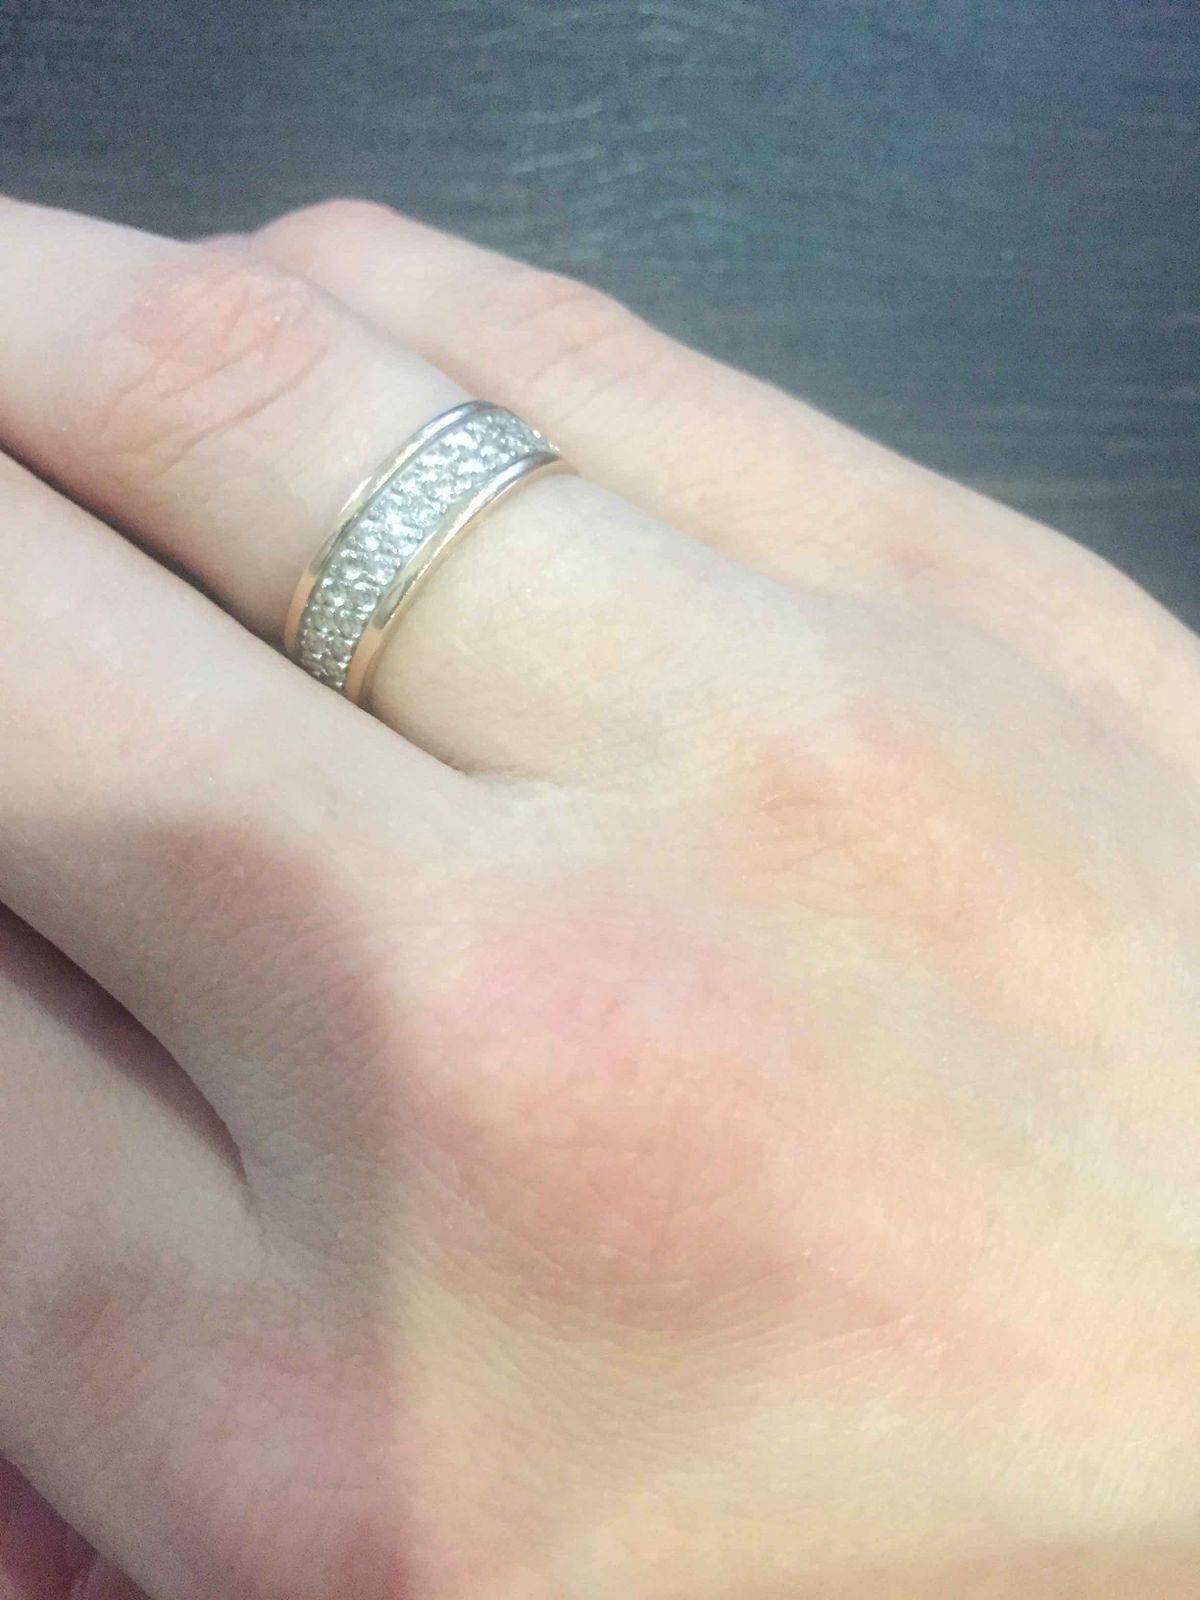 Хорошое и оригинальное кольцо